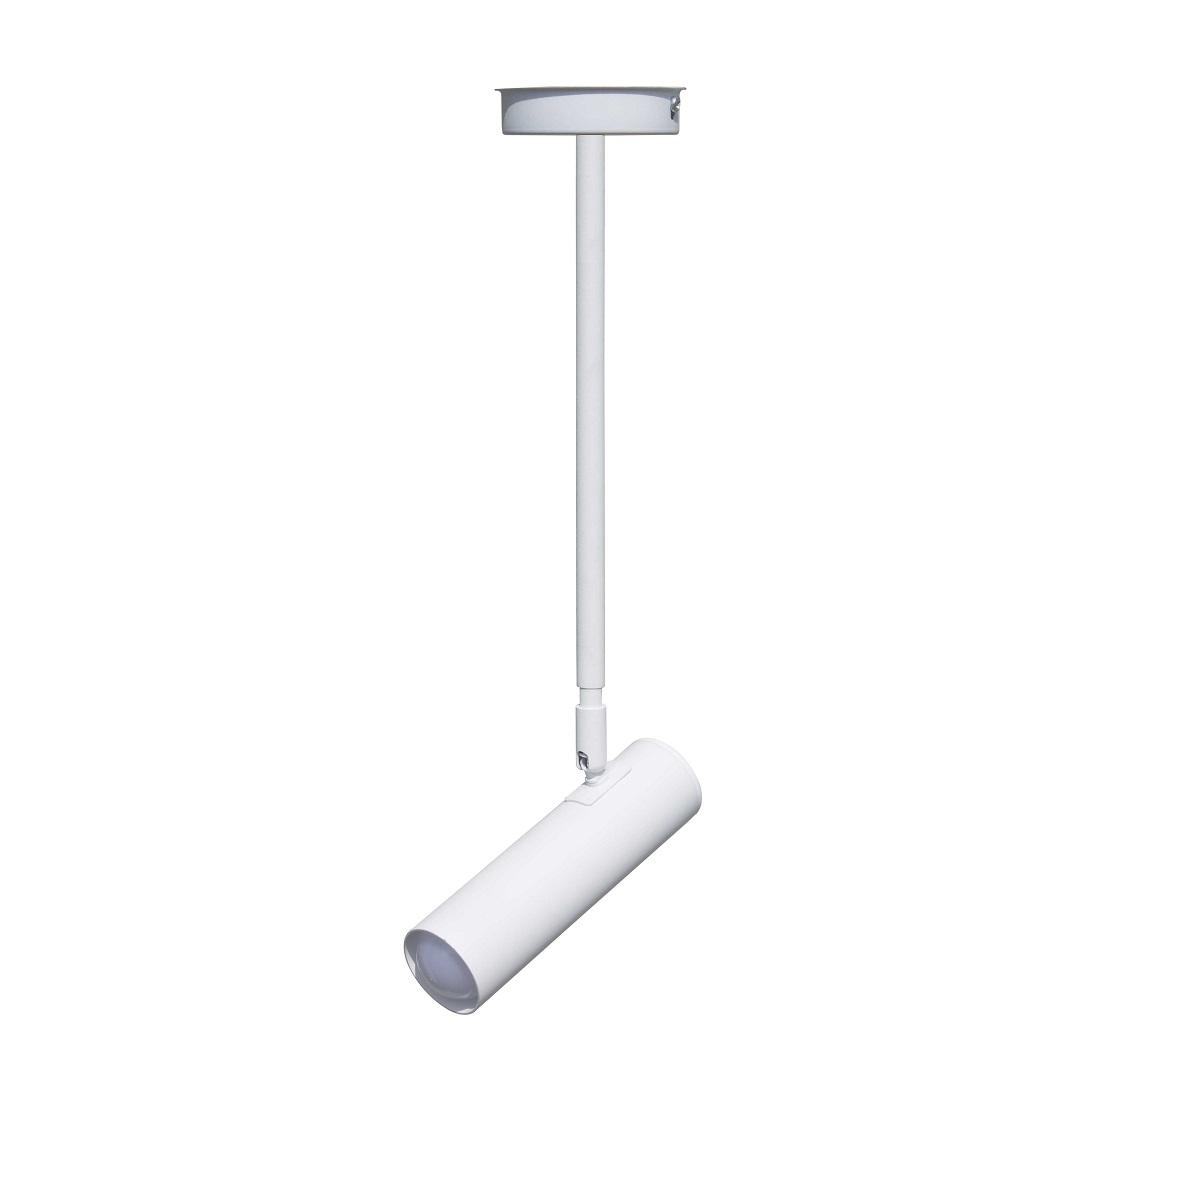 Светильники ЛОФТ - Люстра лофт потолочная с поворотным плафоном 000002801 - Фото 1